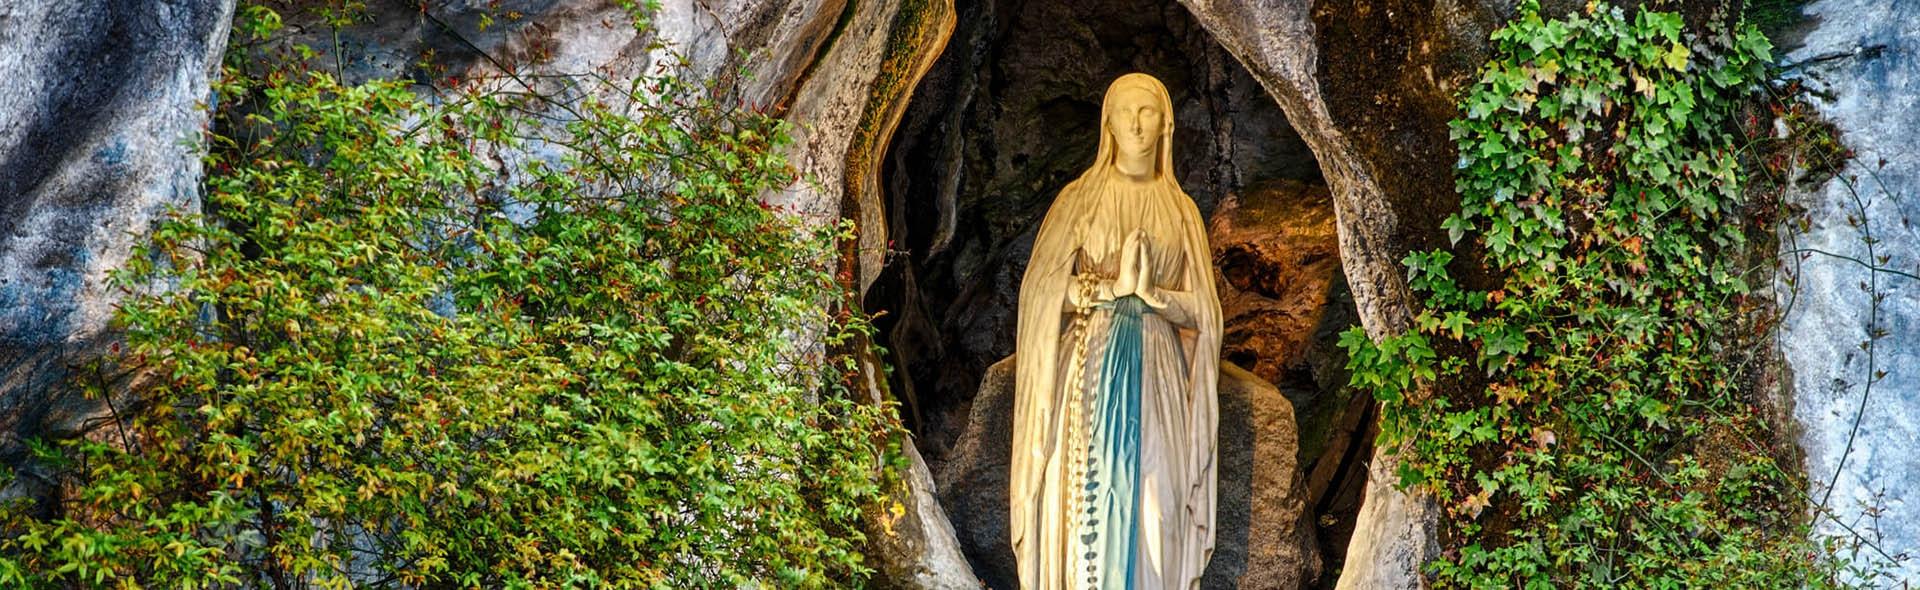 Viaggio a Lourdes in Aereo da Napoli Meta' Ottobre 4 giorni